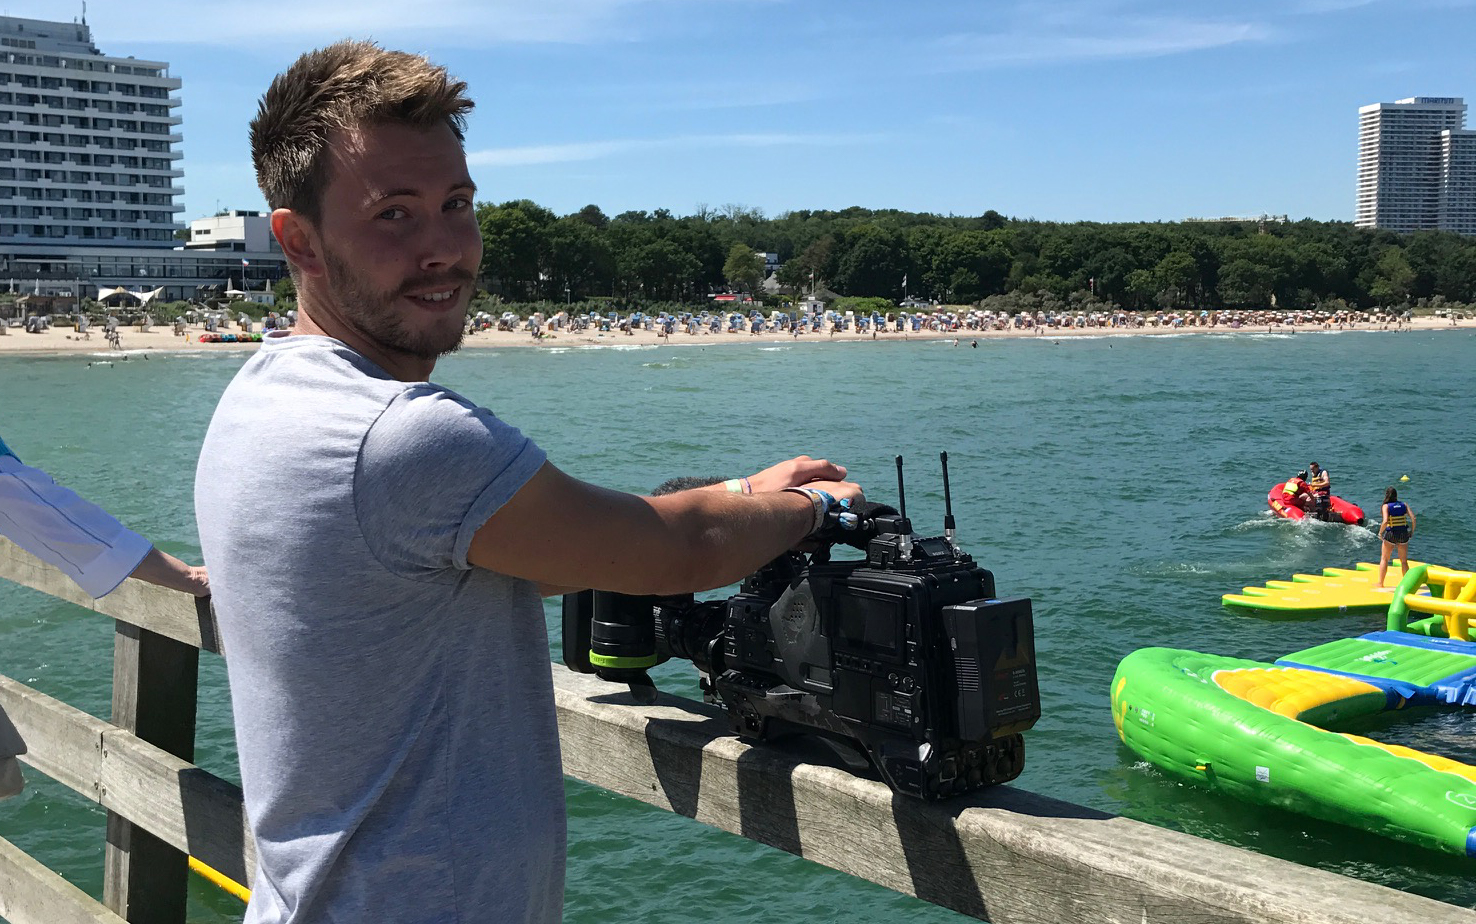 Dreharbeiten von RTL Nord beim wibit watersports-Park in Timmendorfer Strand